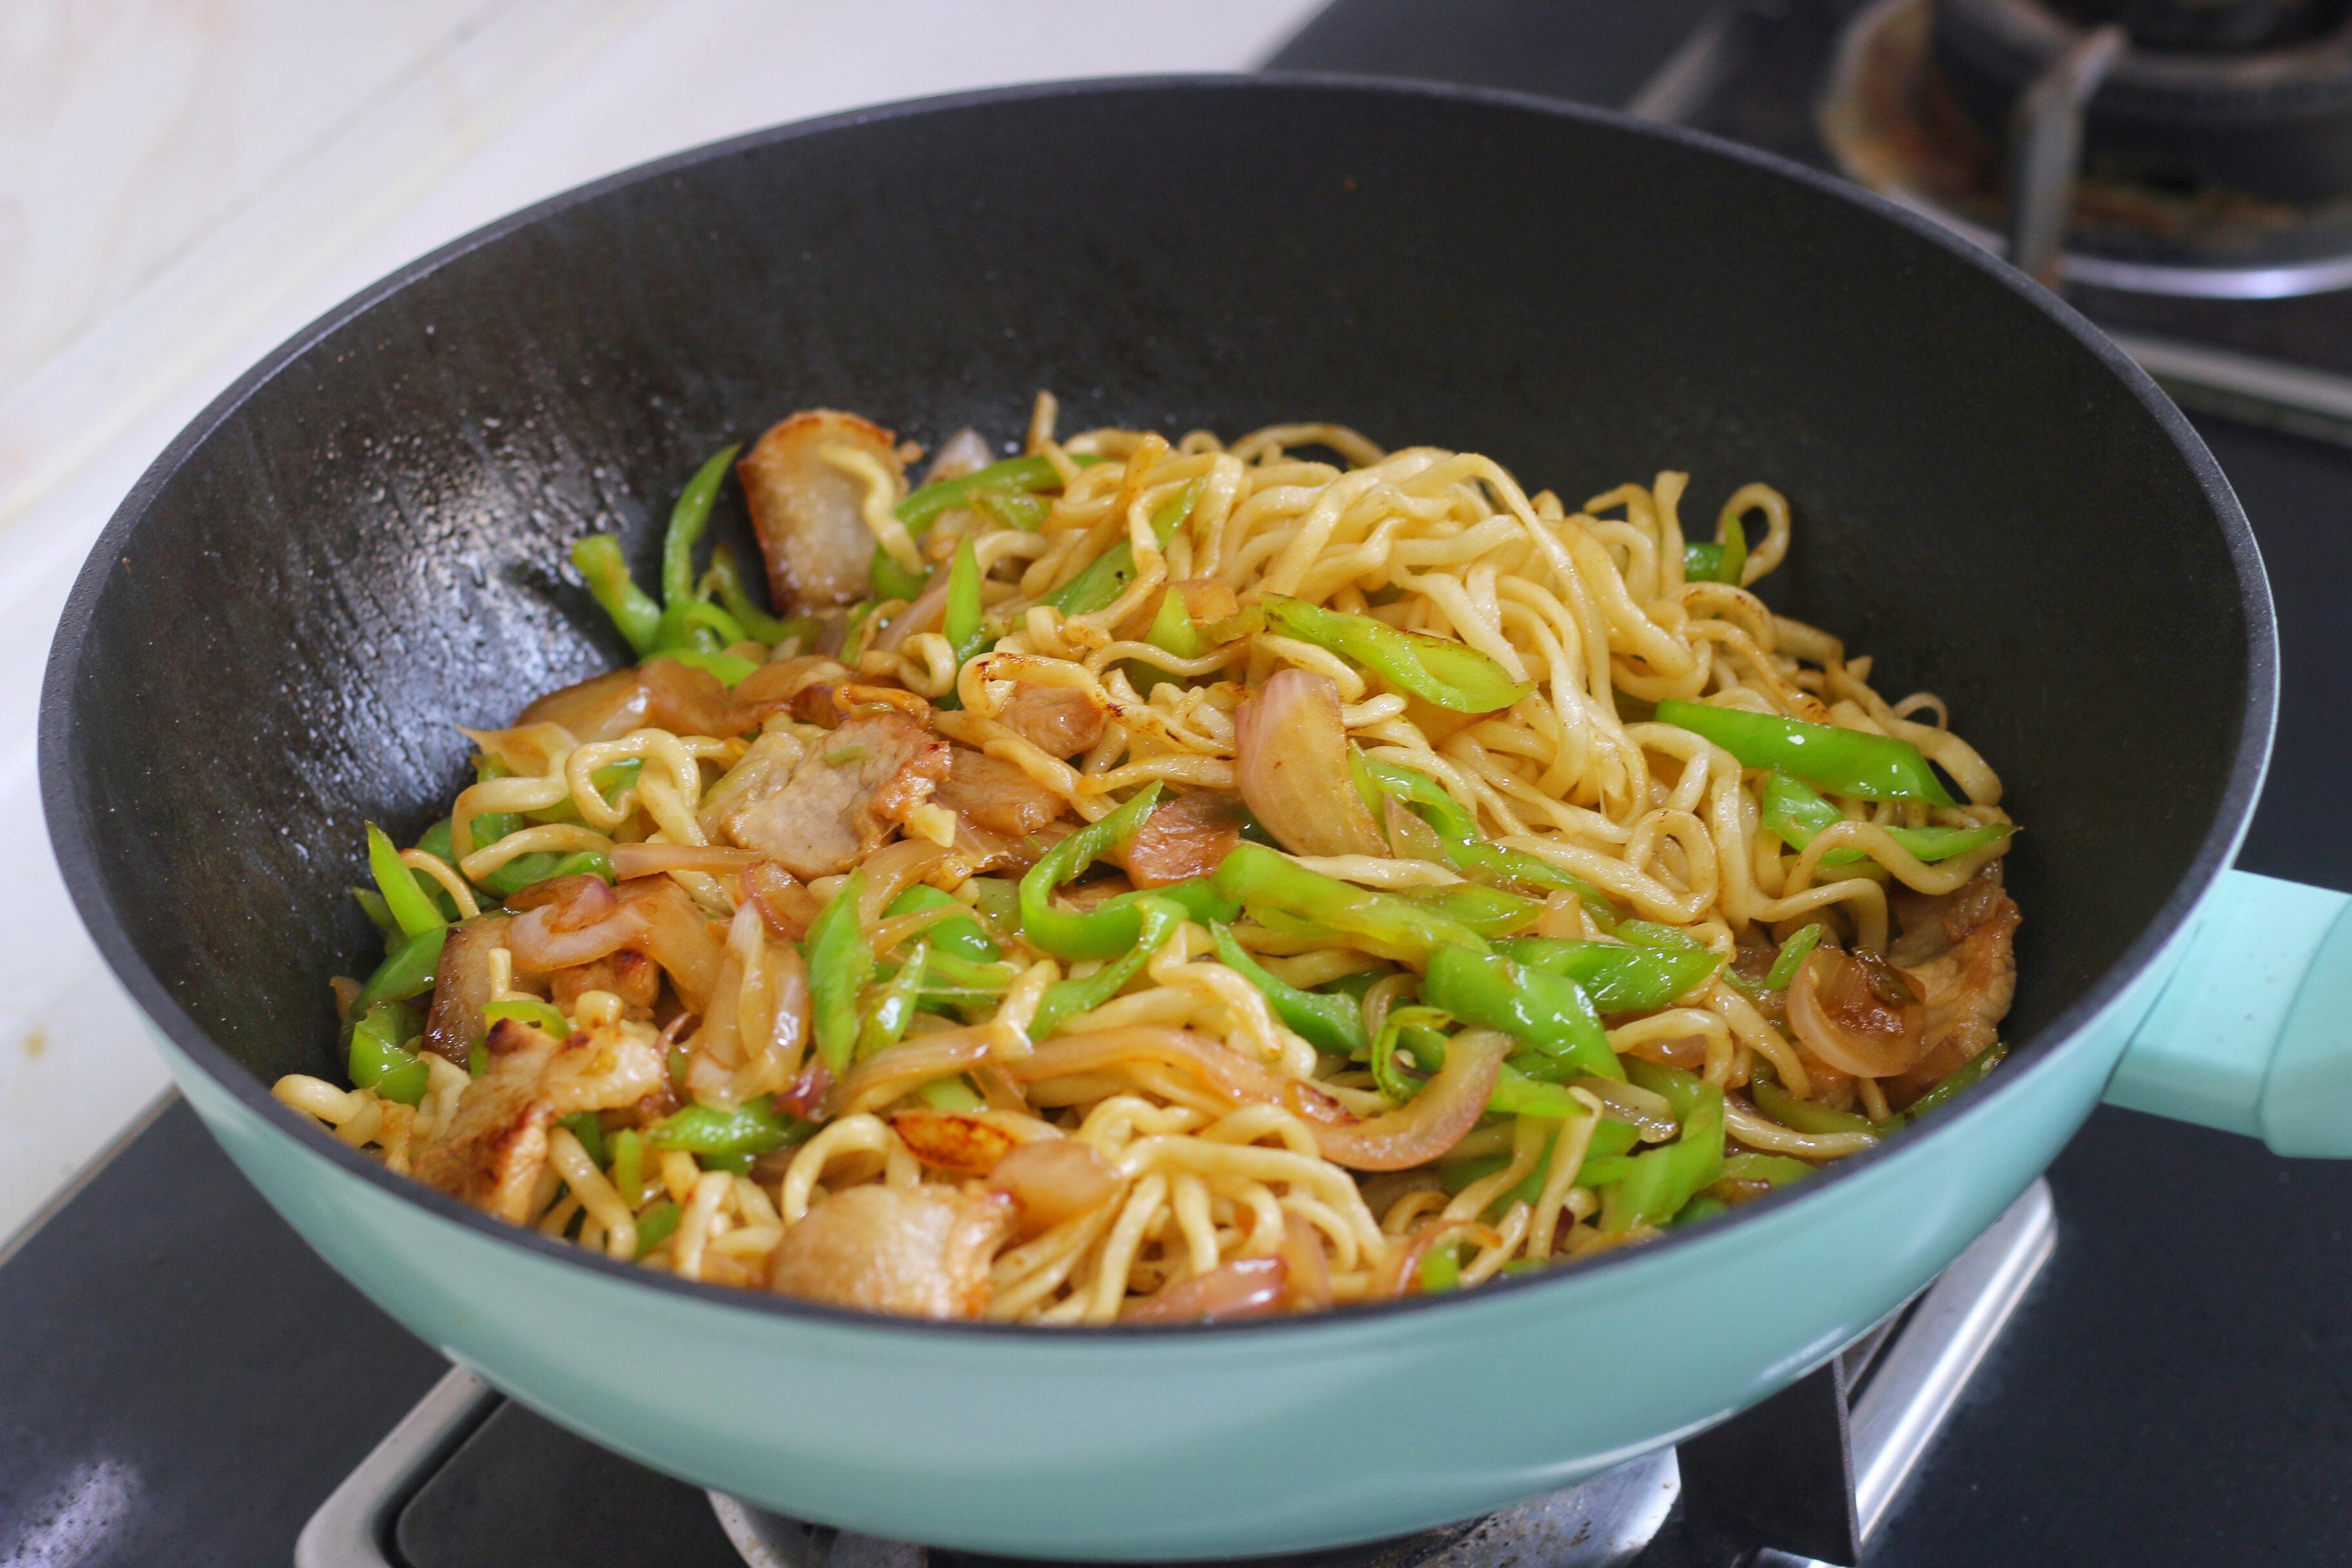 炒麵時,麵條先蒸再炒,根根分明,好吃入味,味道不比飯店差